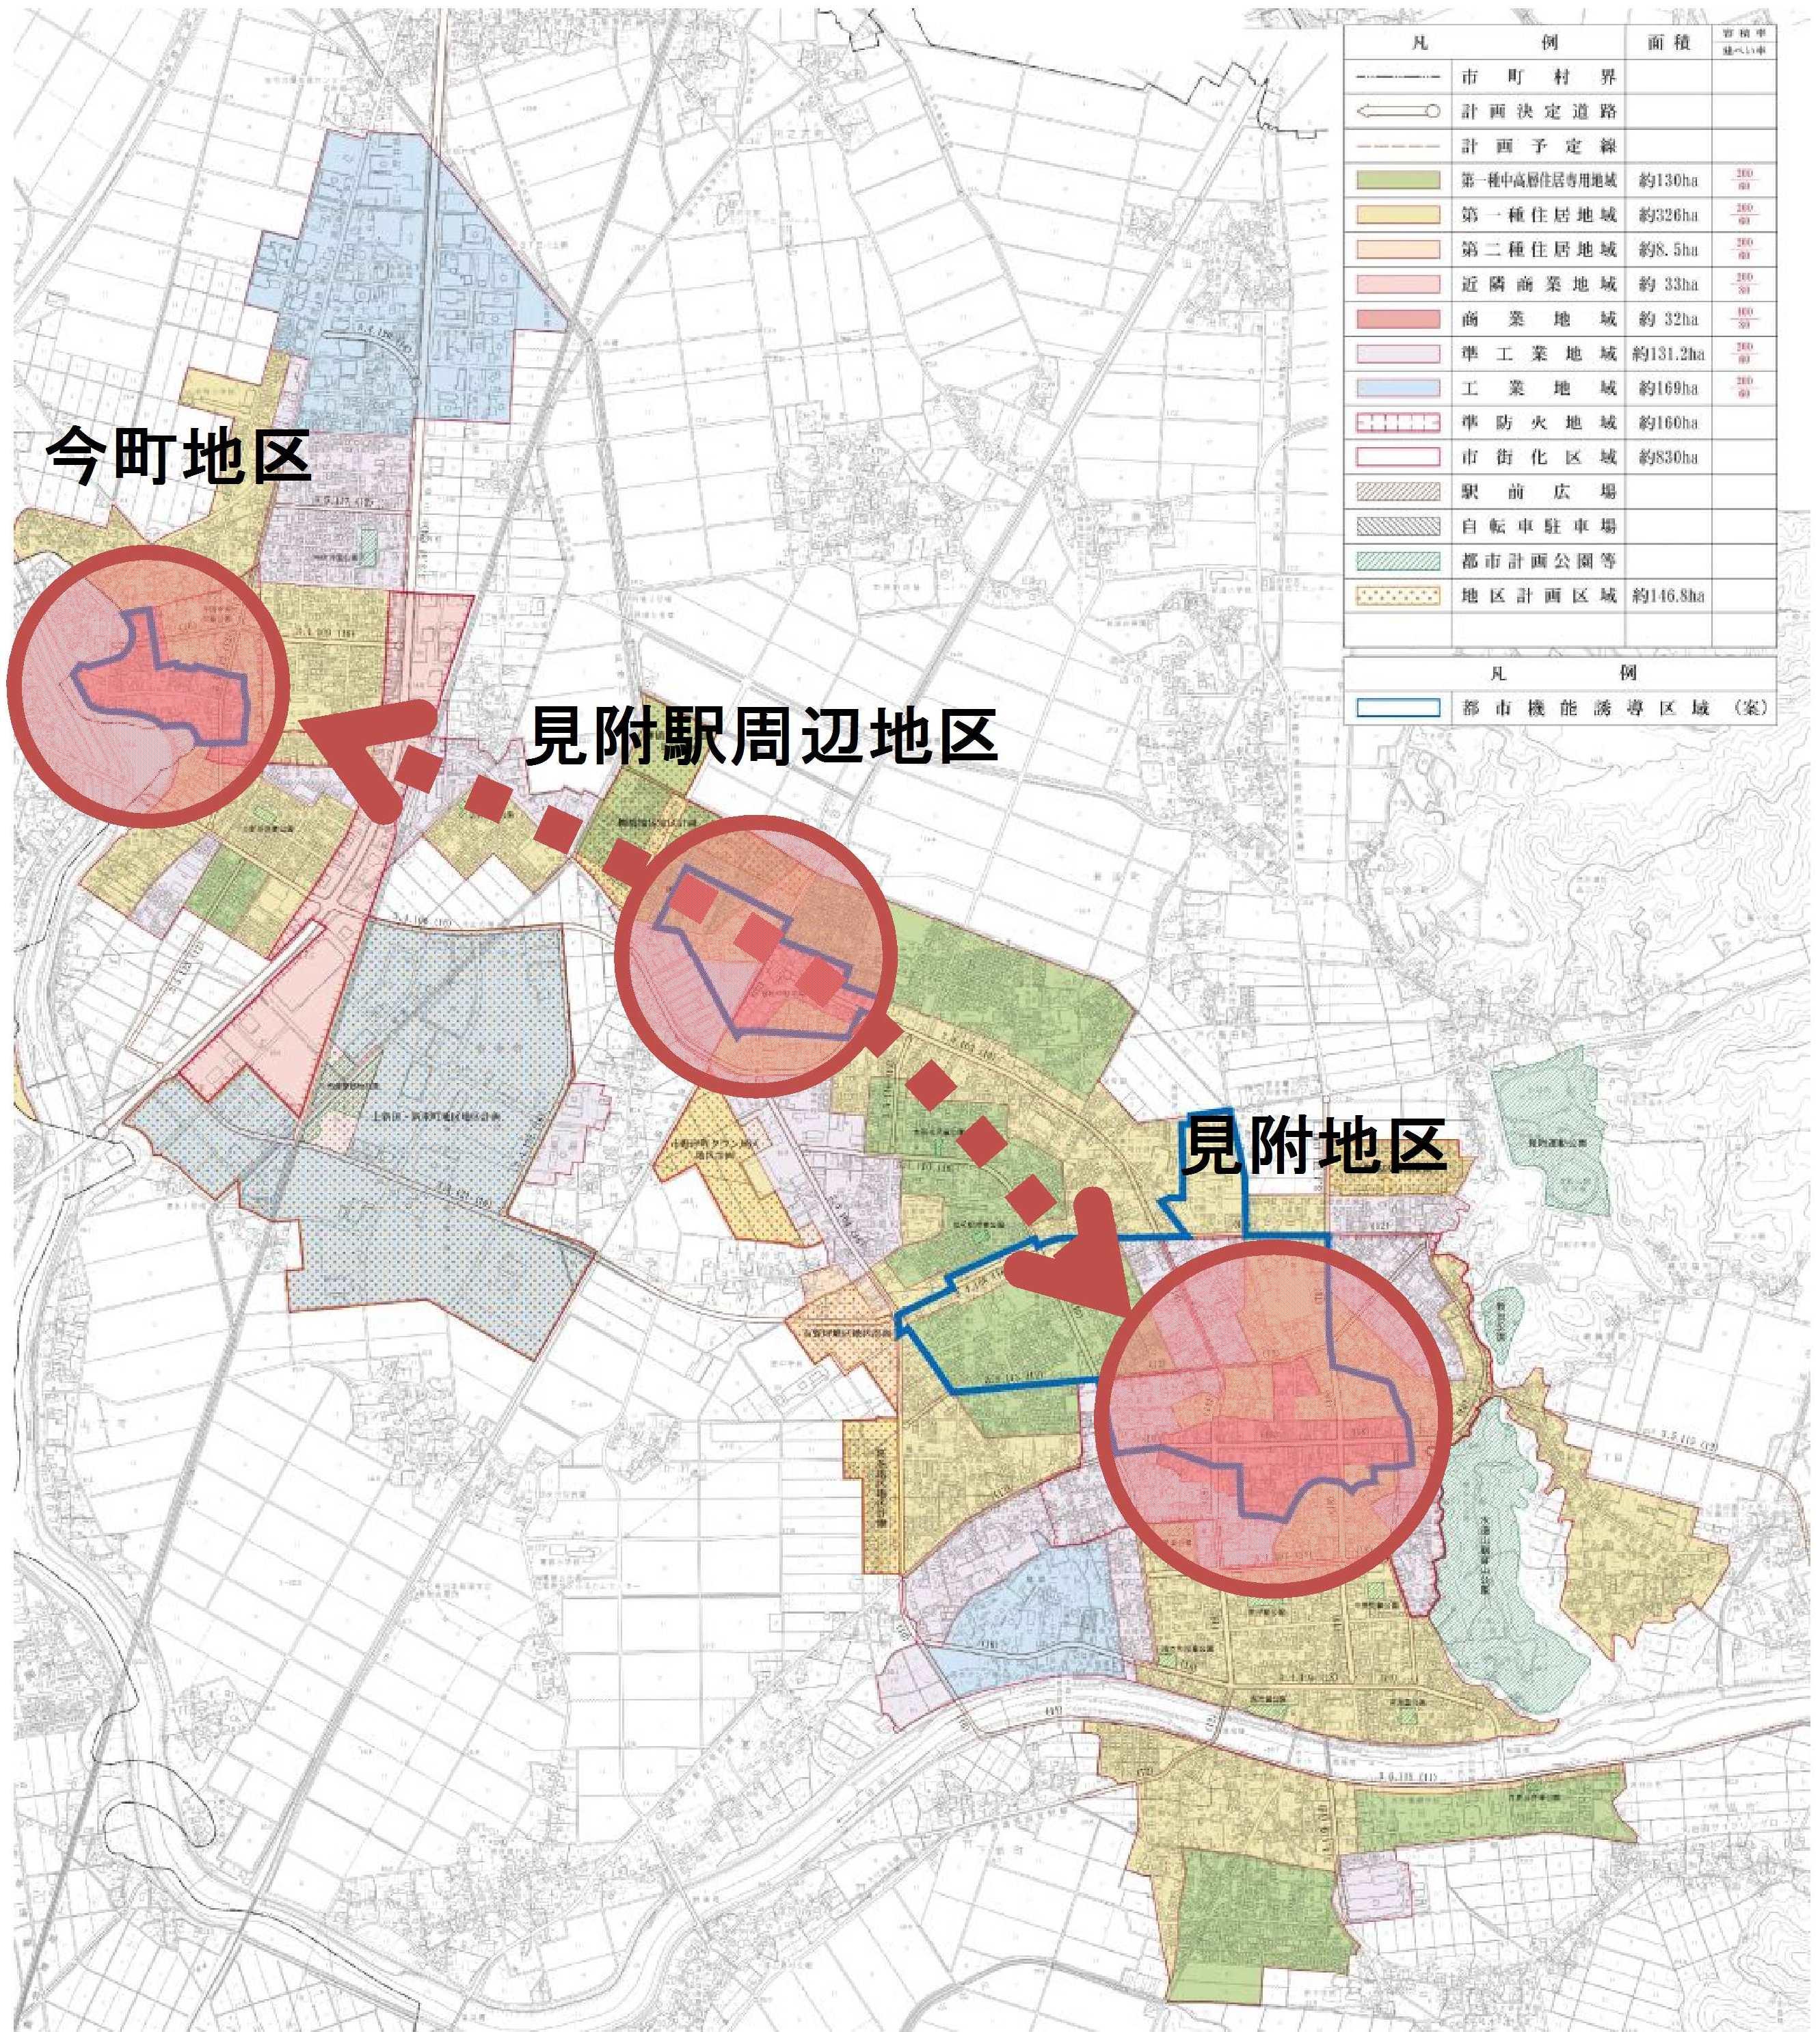 画像4(見附市都市構造)